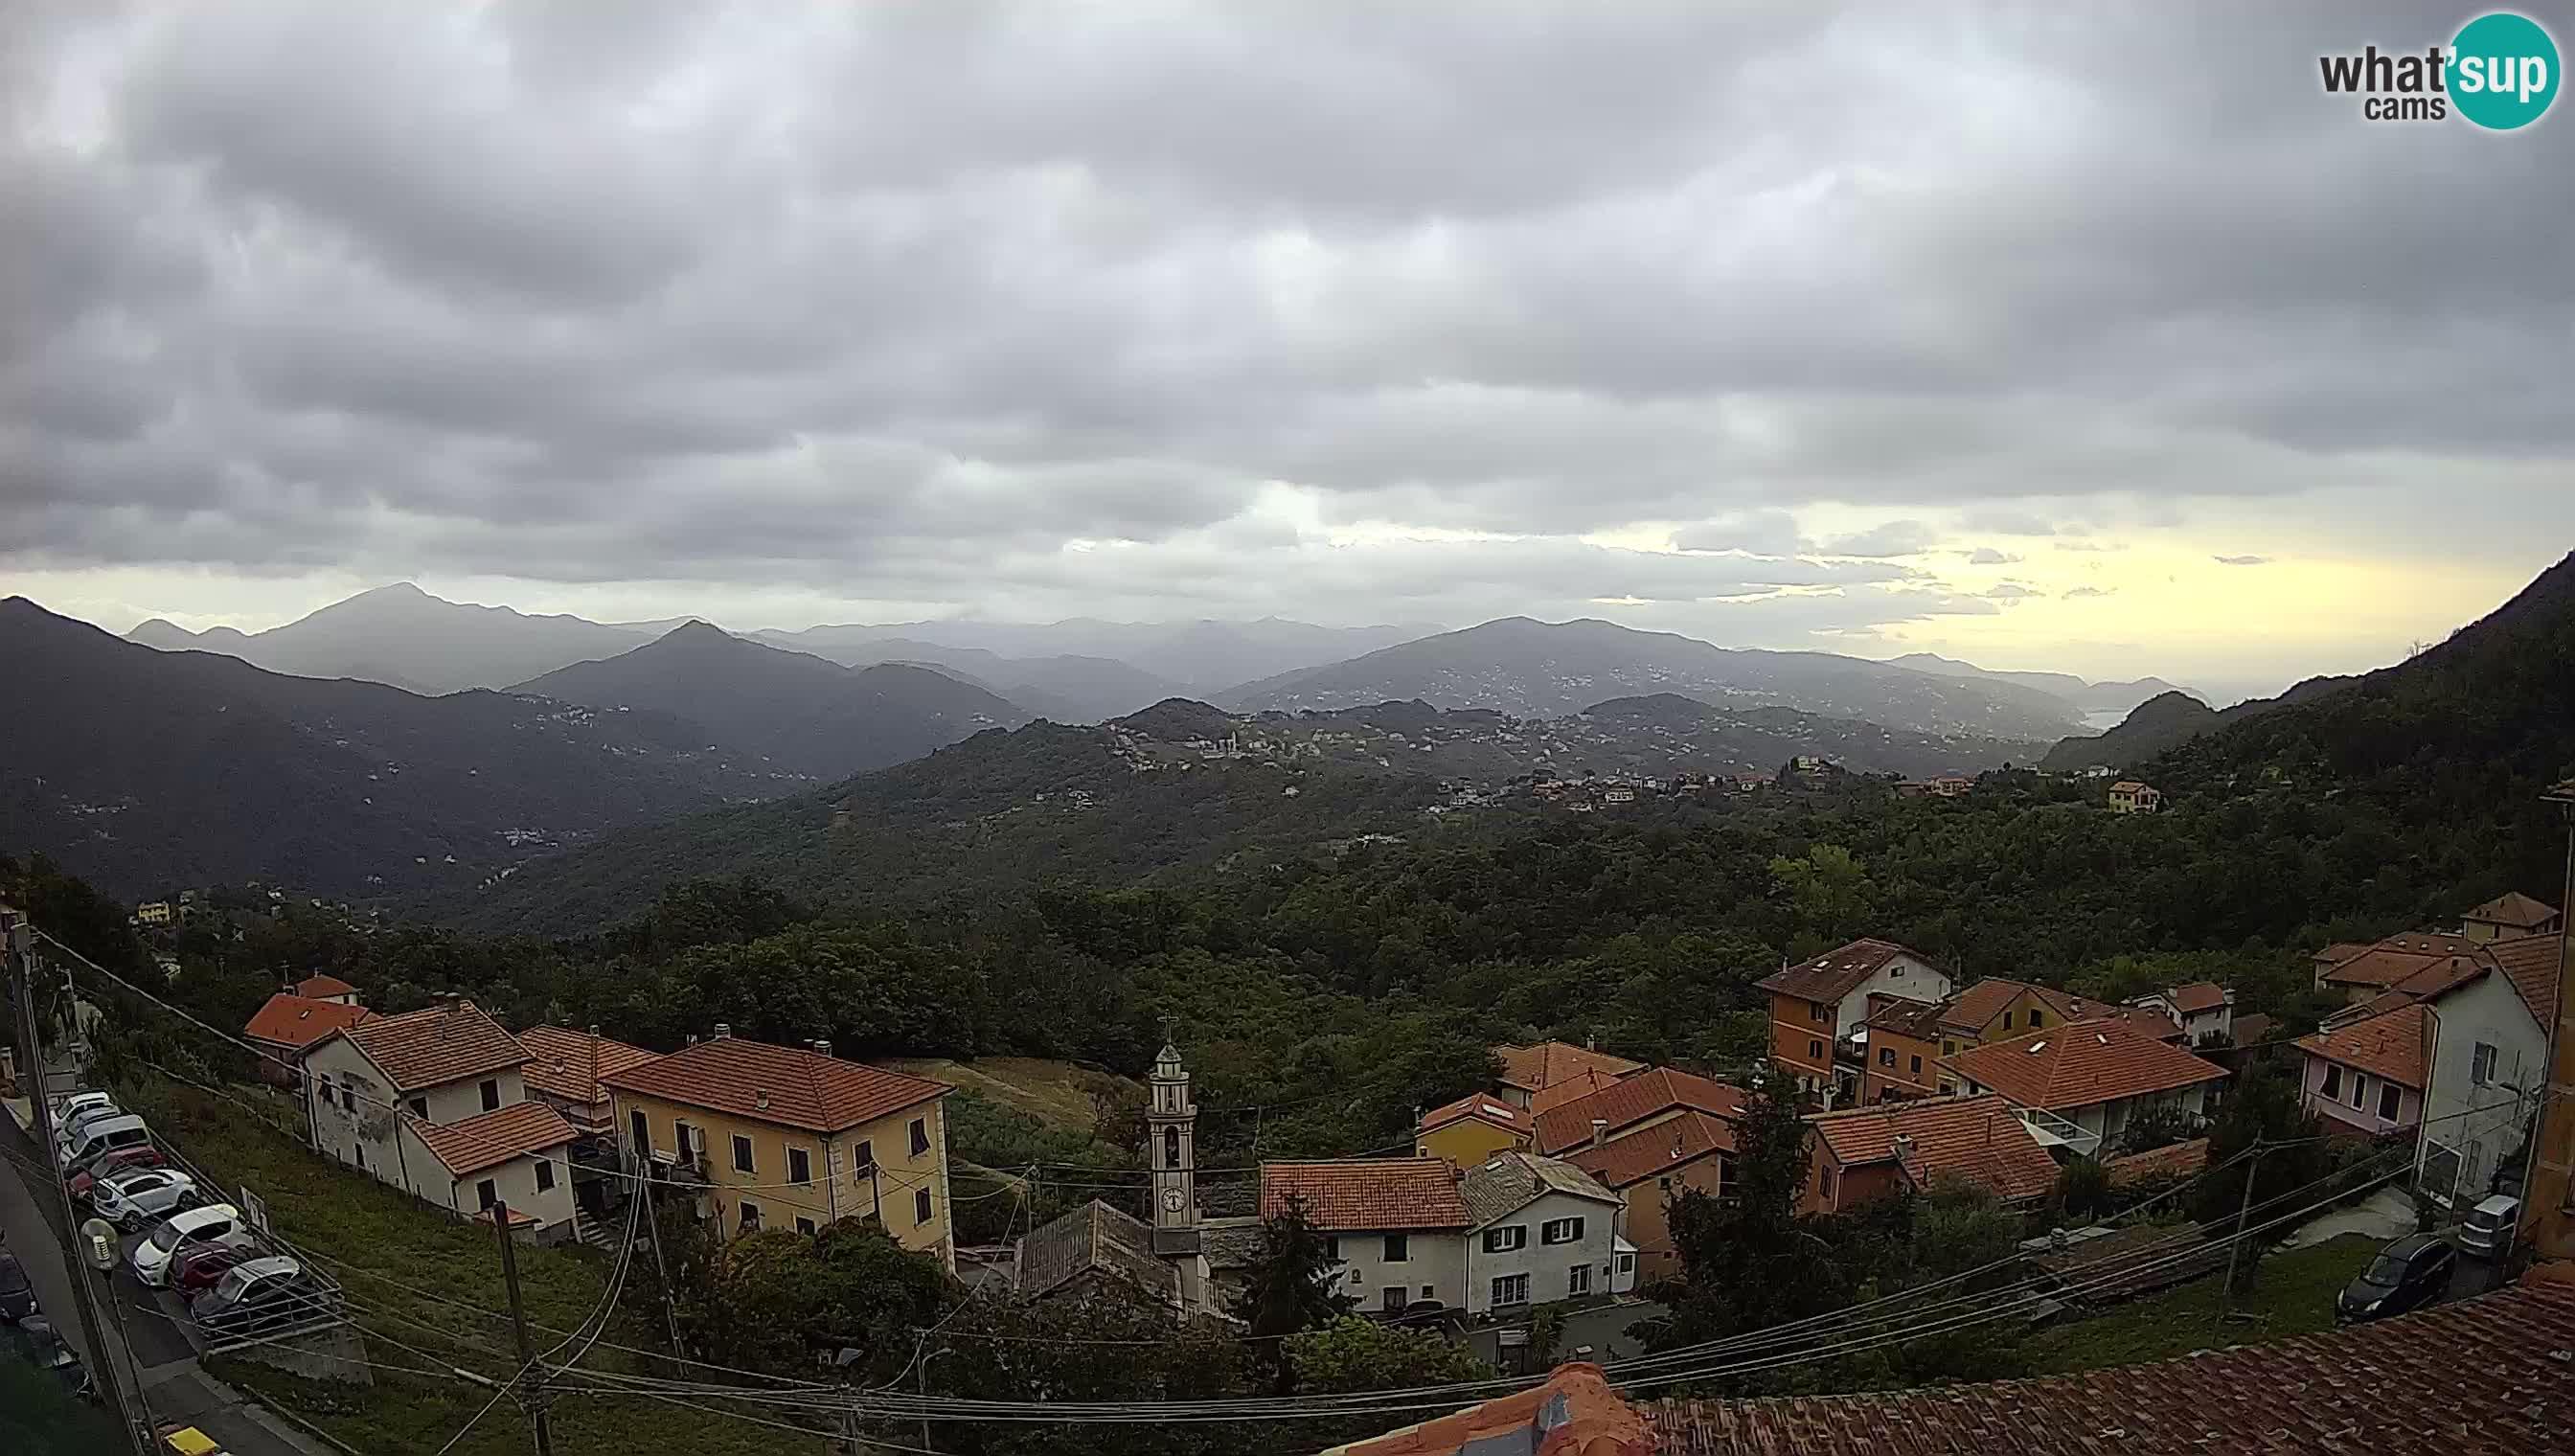 Webcam Leivi, Villa Oneto - What´s Up Cams